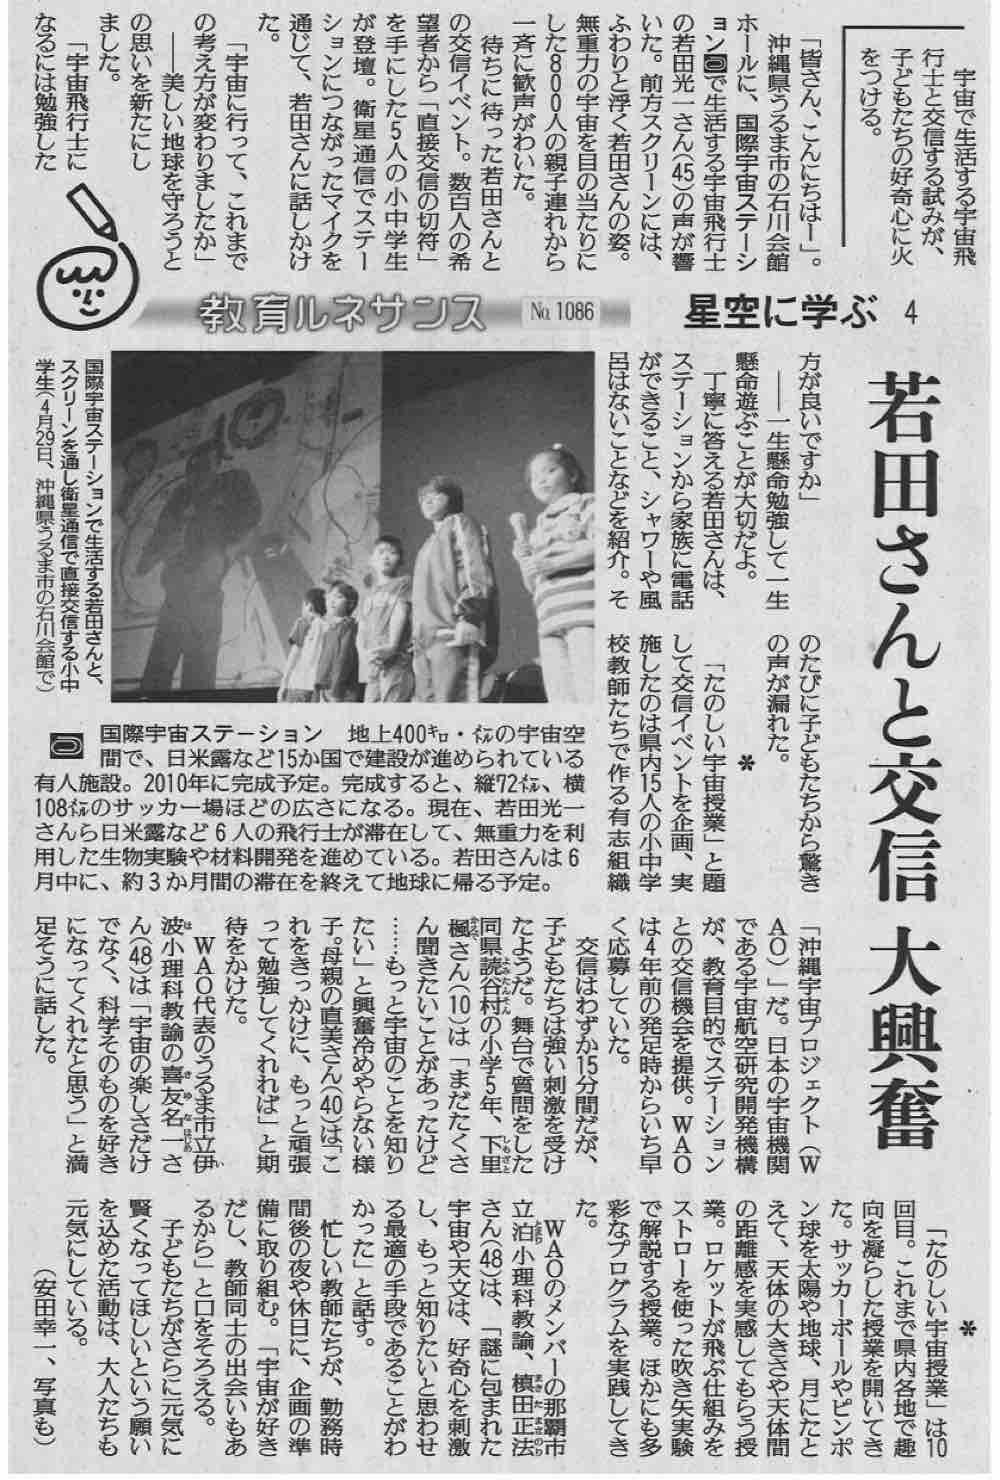 読売新聞 若田さんとの授業